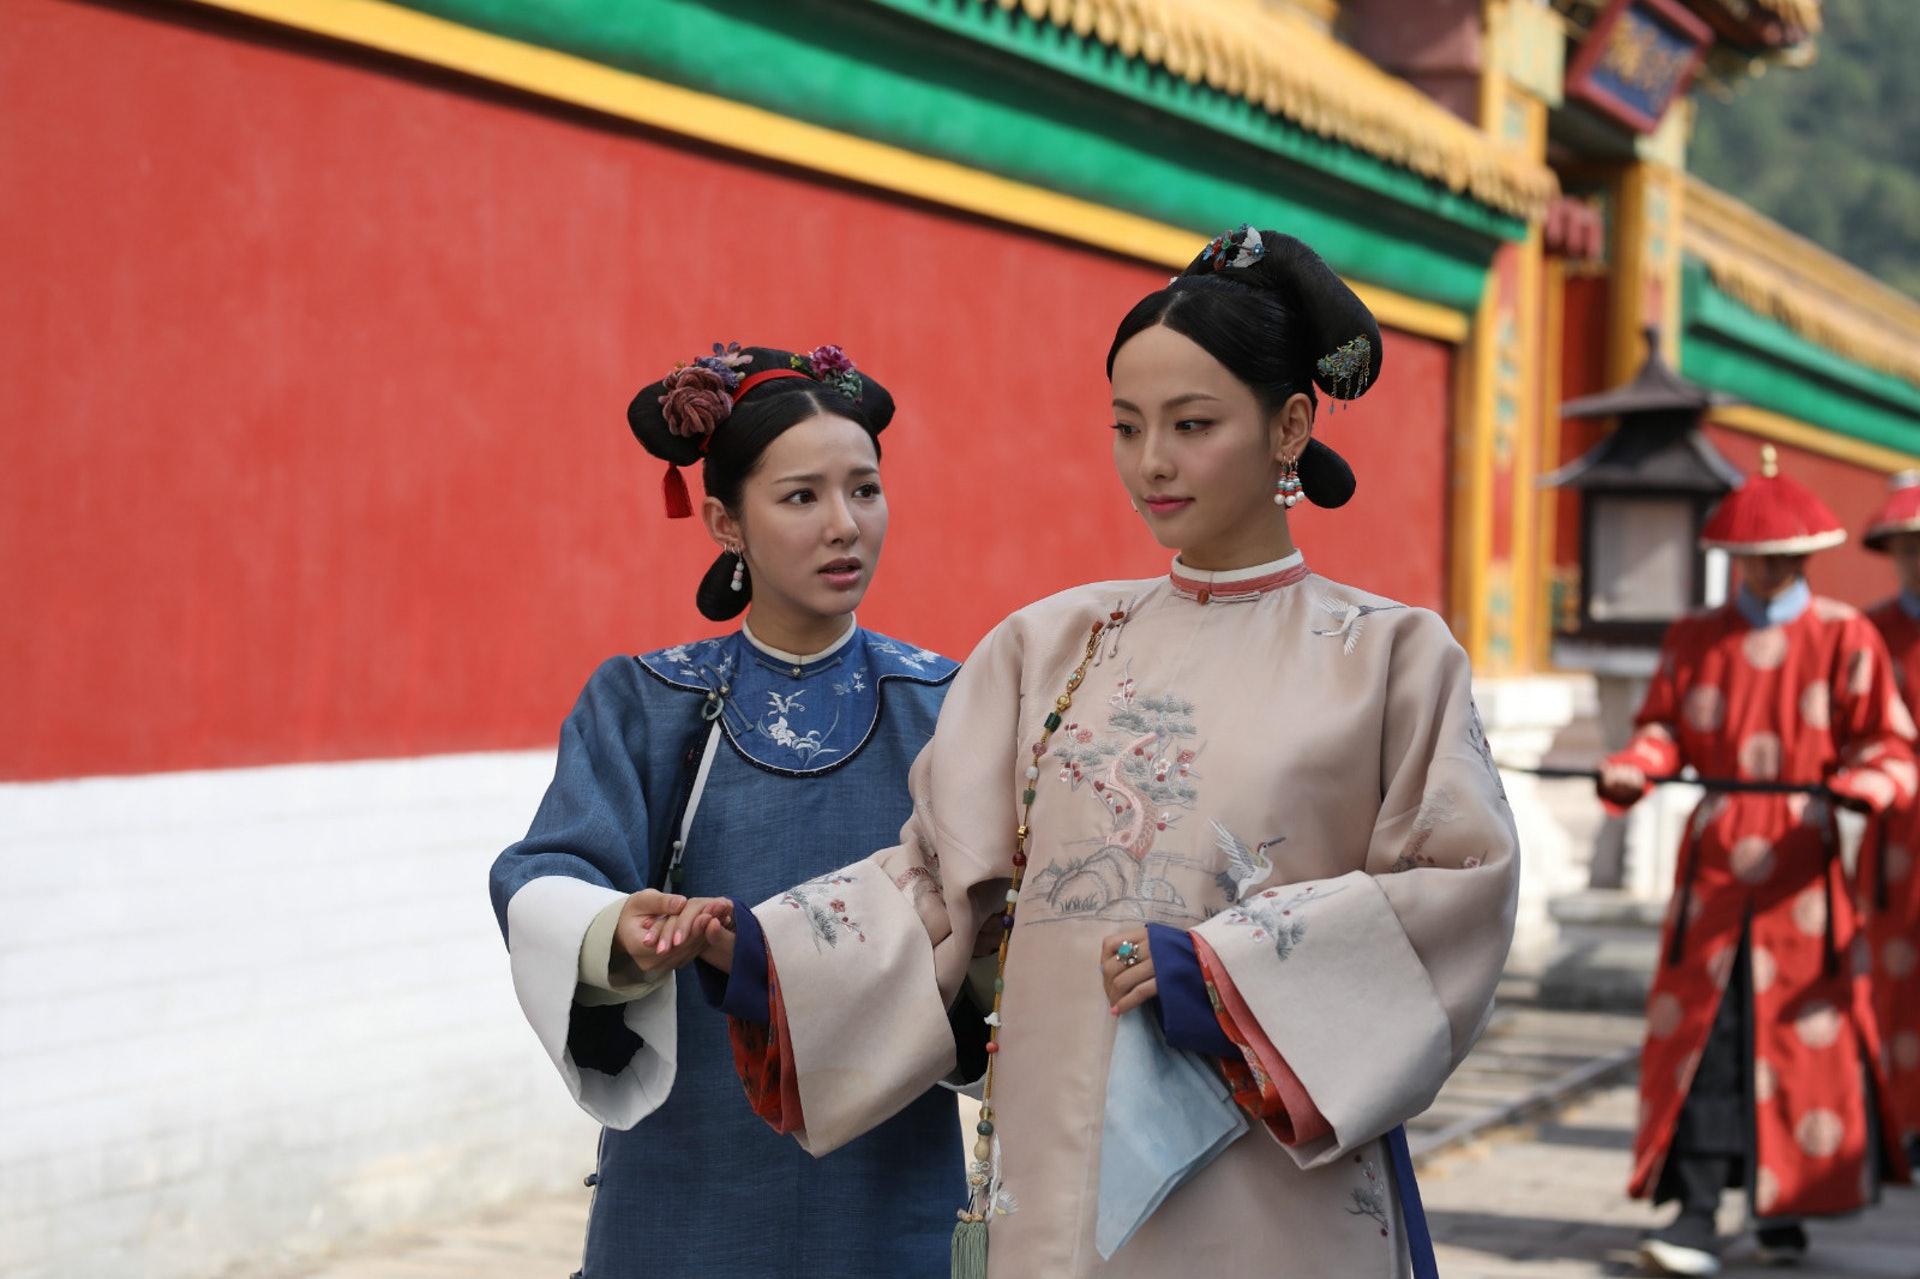 《延禧攻略》中張嘉倪飾演的香妃雖然也是大美人,但就欠缺了回族姑娘的氣質。(劇照)